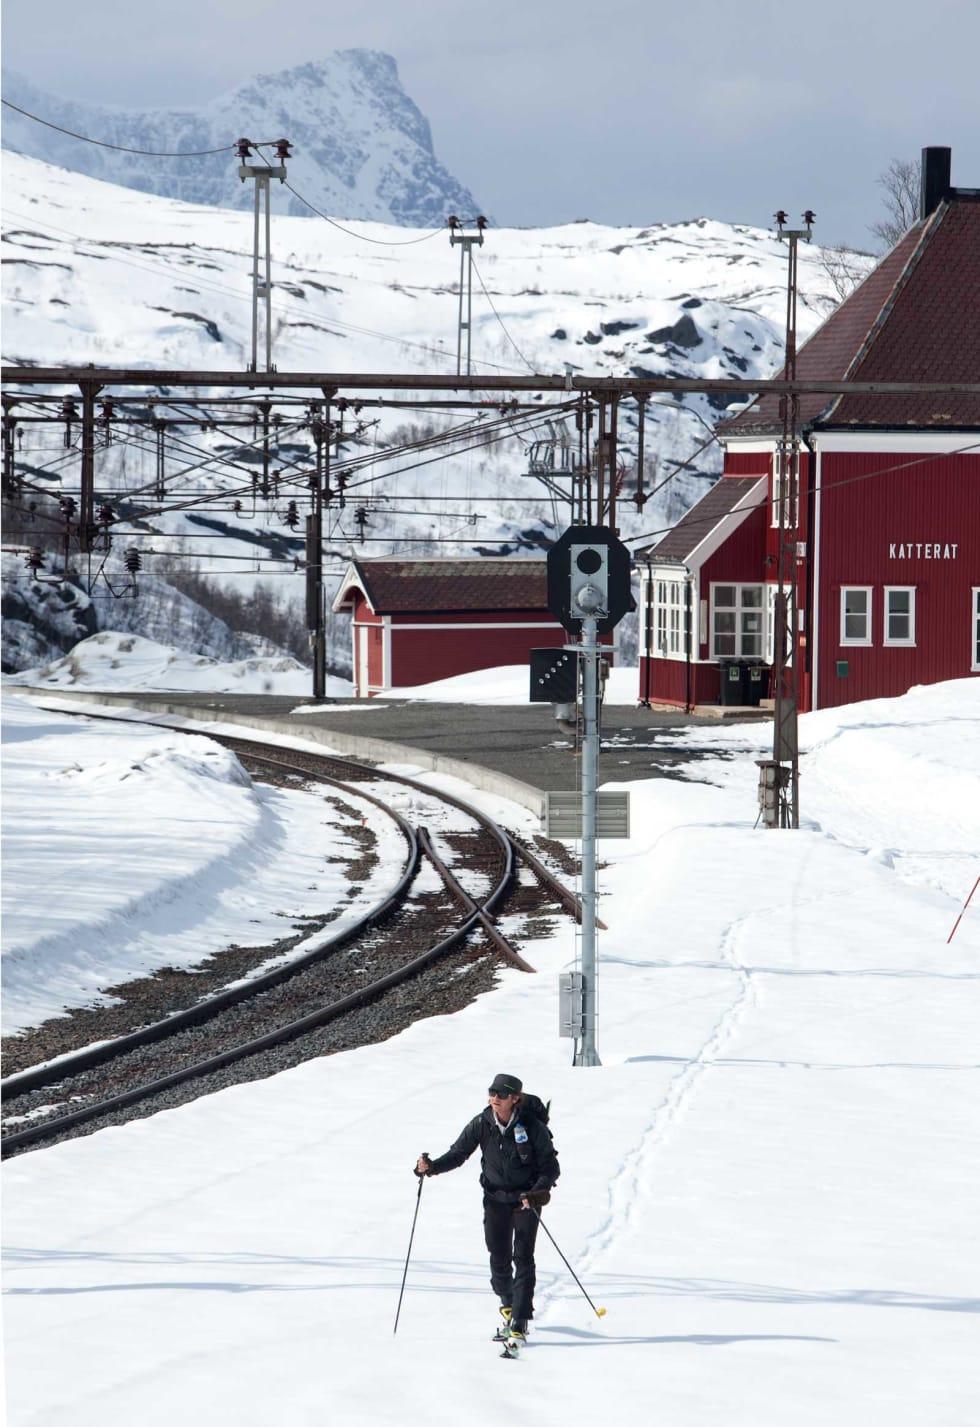 Lars Thulin forlater Katterat jernbanestasjon på tur mot Hunddalshyttene. Rombakstøtta vises i bakgrunnen. Foto: Nicklas Blom / Toppturer rundt Narvik.